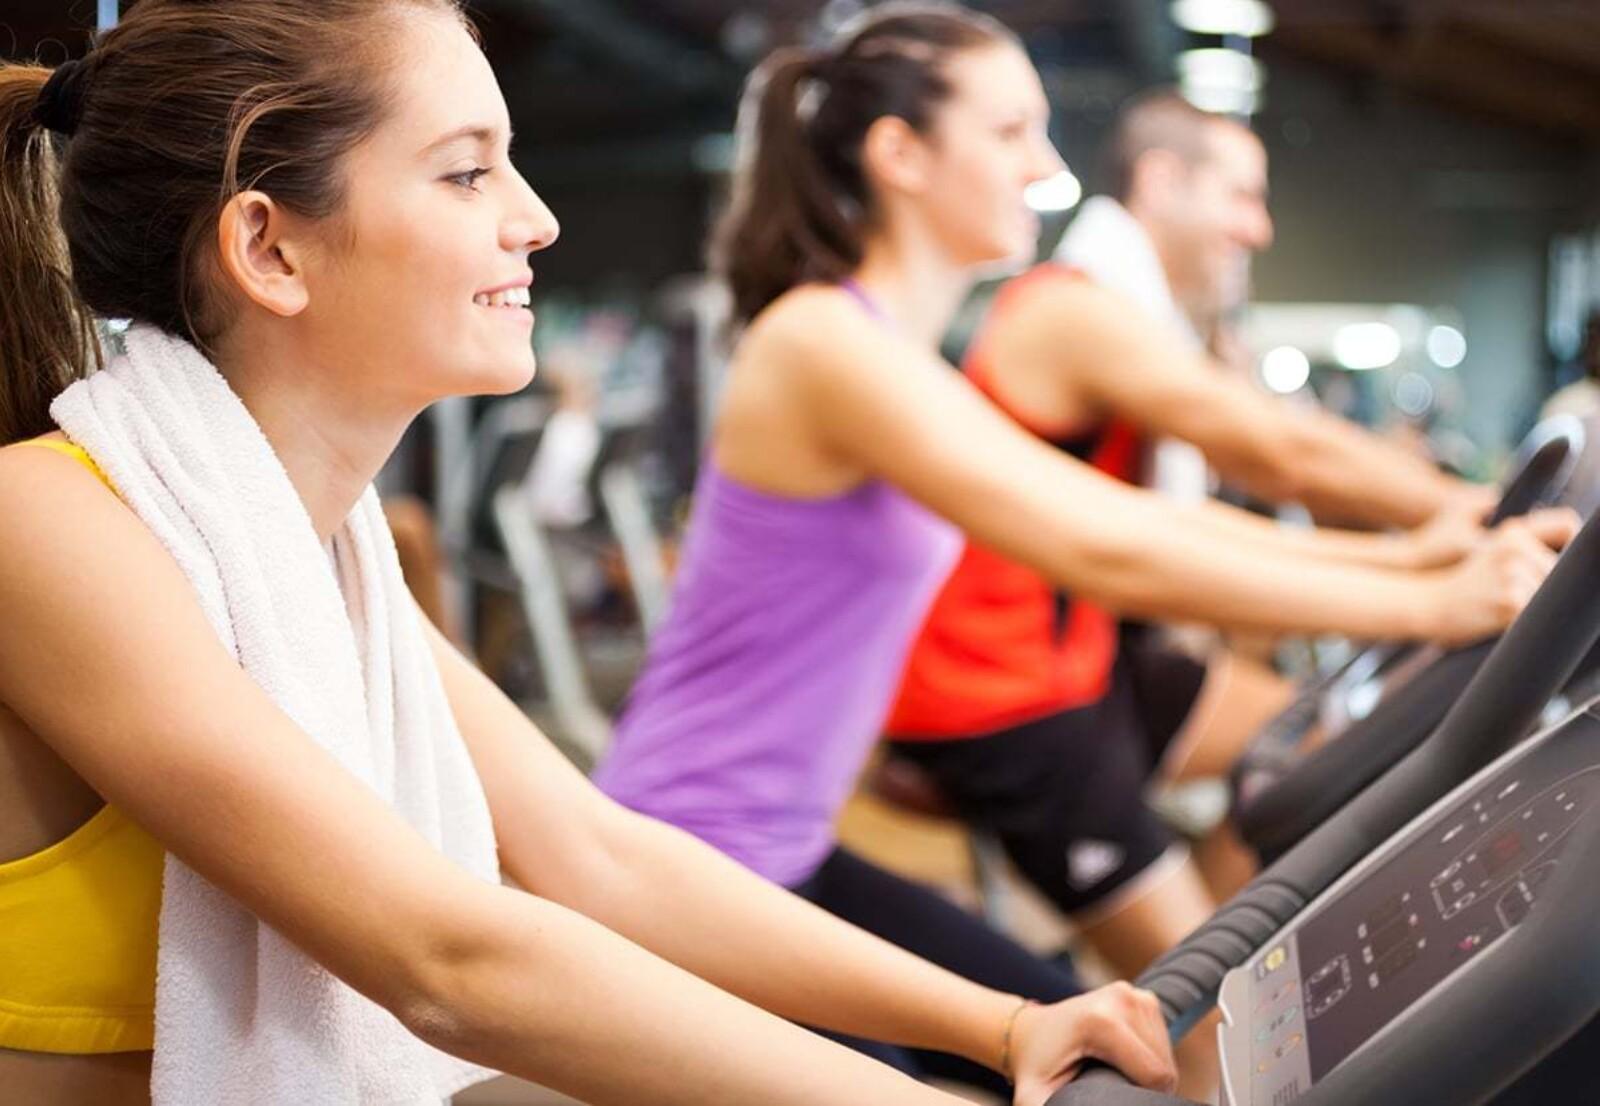 Dein Fitness Studio in Bamberg. Abnehmen, Figur verbessern, fit sein. Dein individuelles Kursporgamm wartet auf dich.